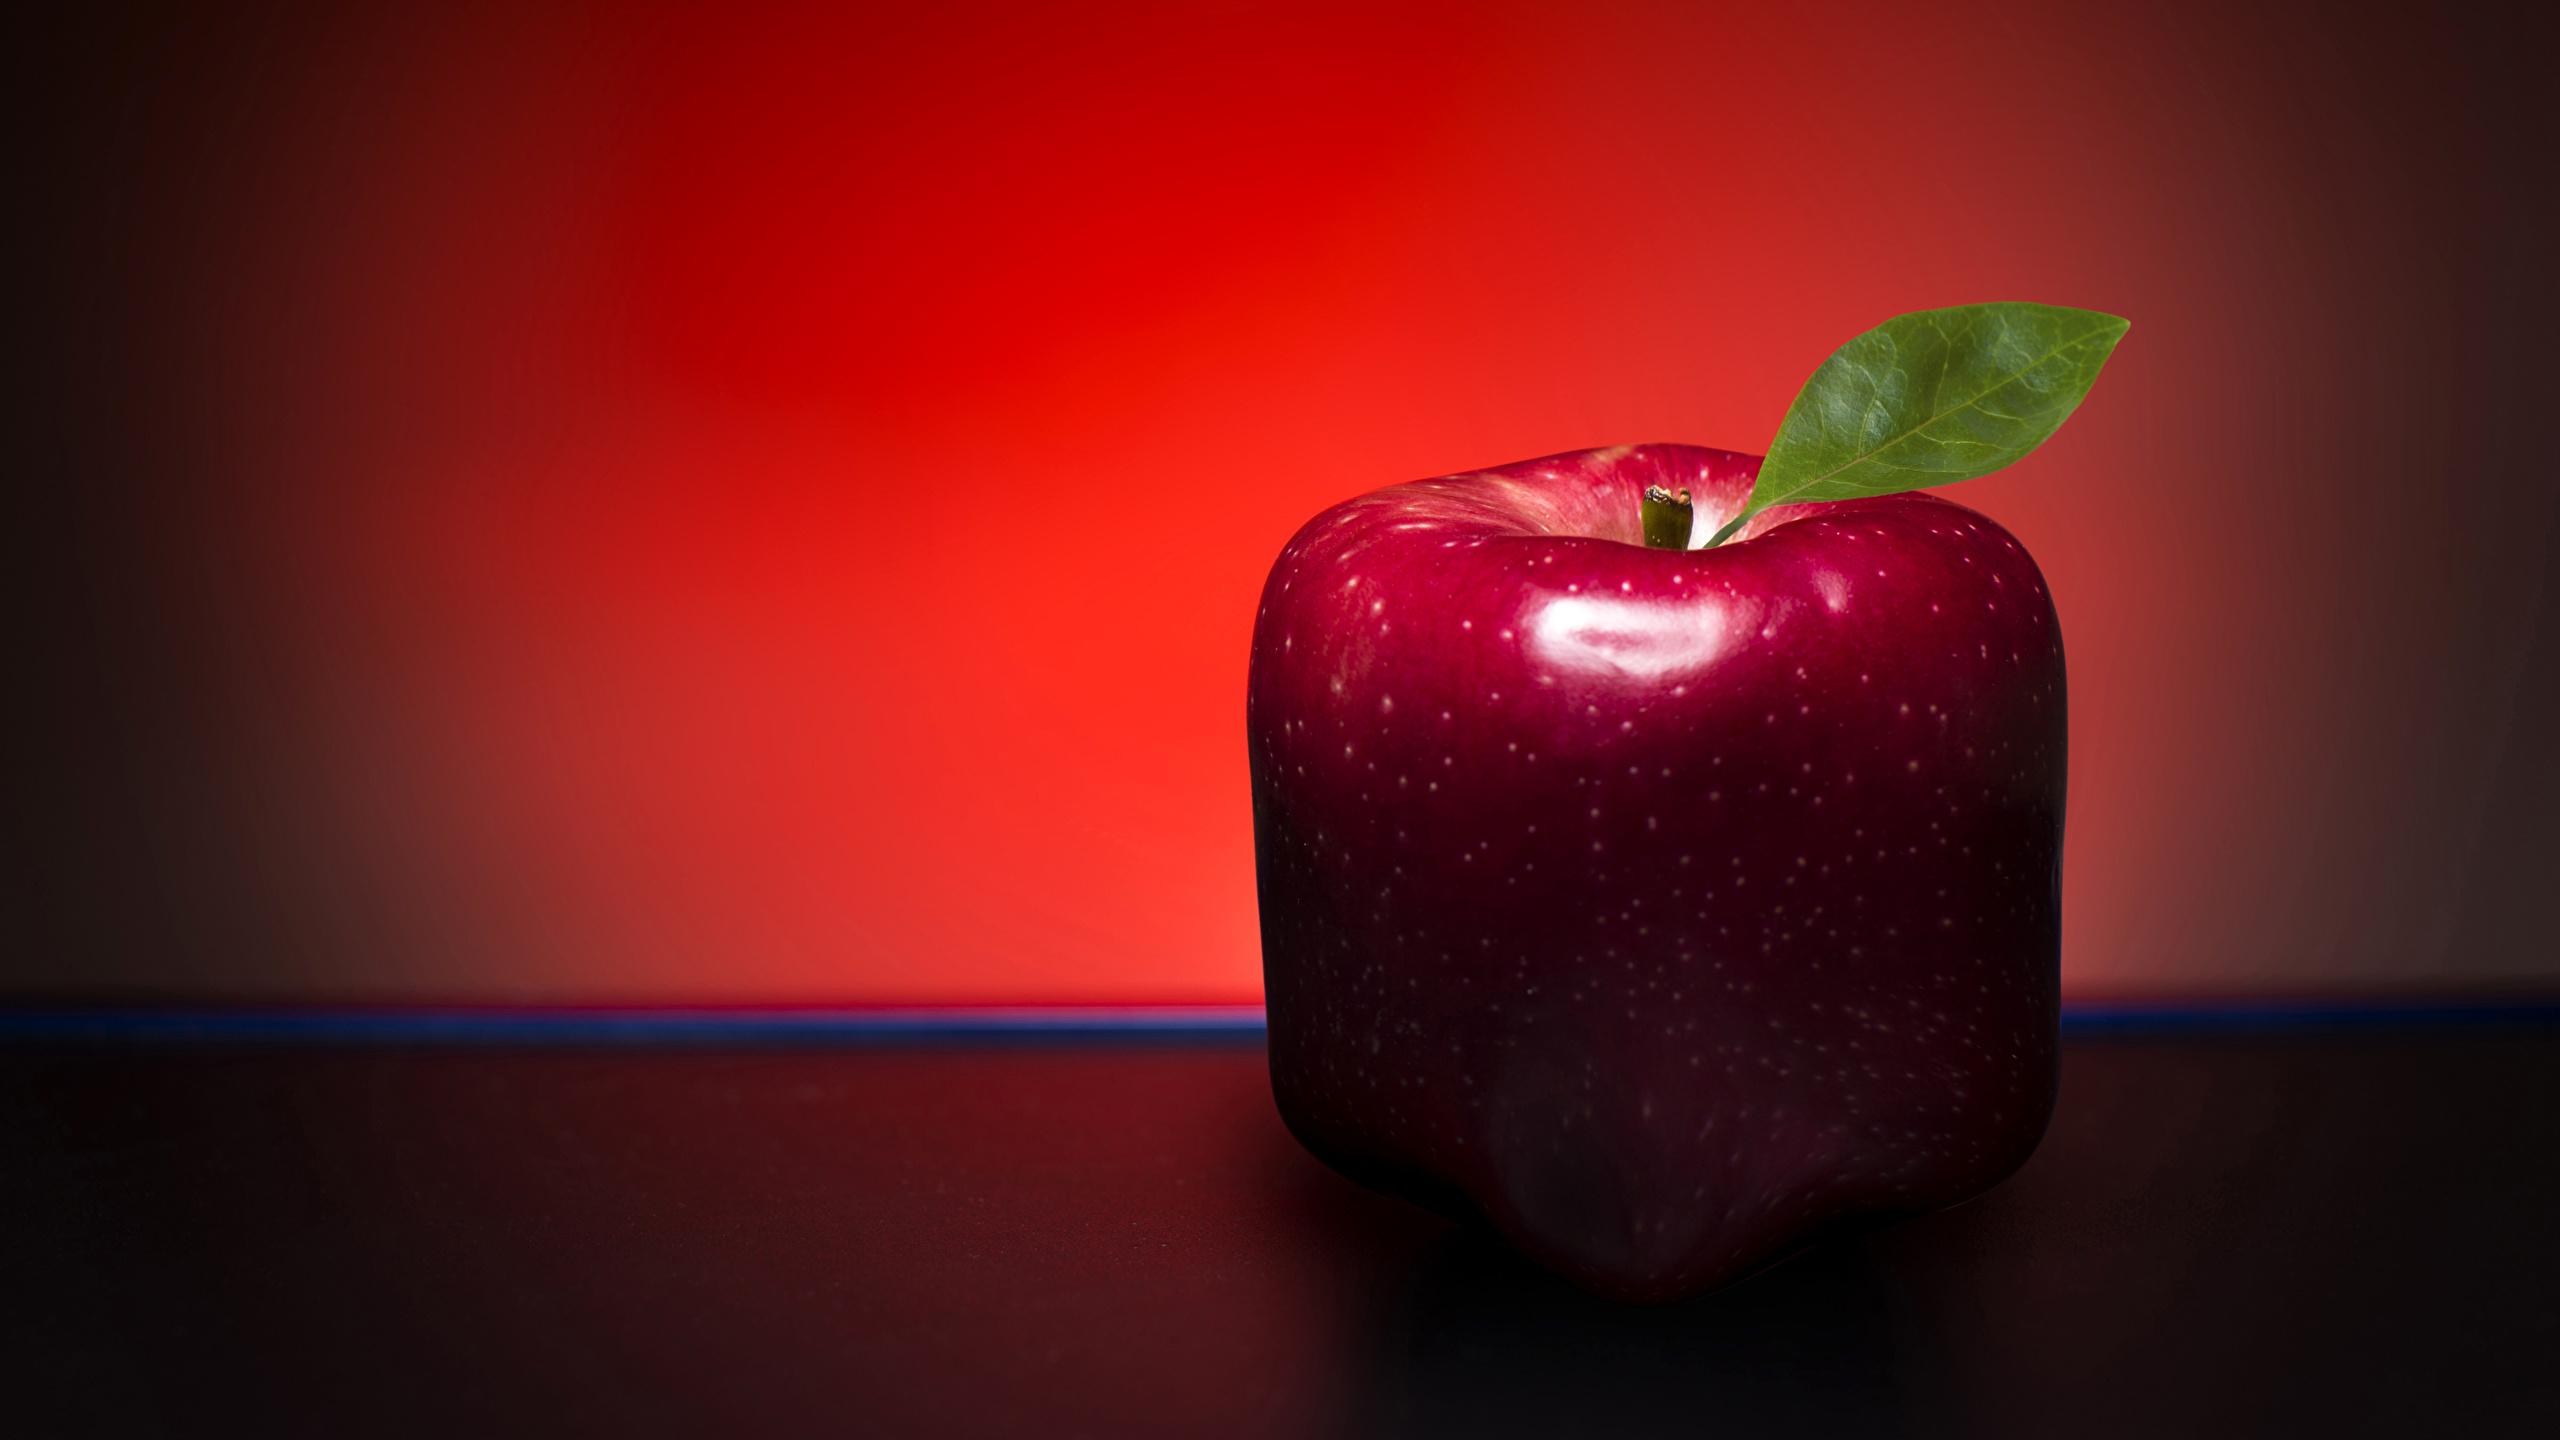 Обои для рабочего стола красная Яблоки оригинальные Пища Крупным планом 2560x1440 красных красные Красный Креатив креативные Еда Продукты питания вблизи